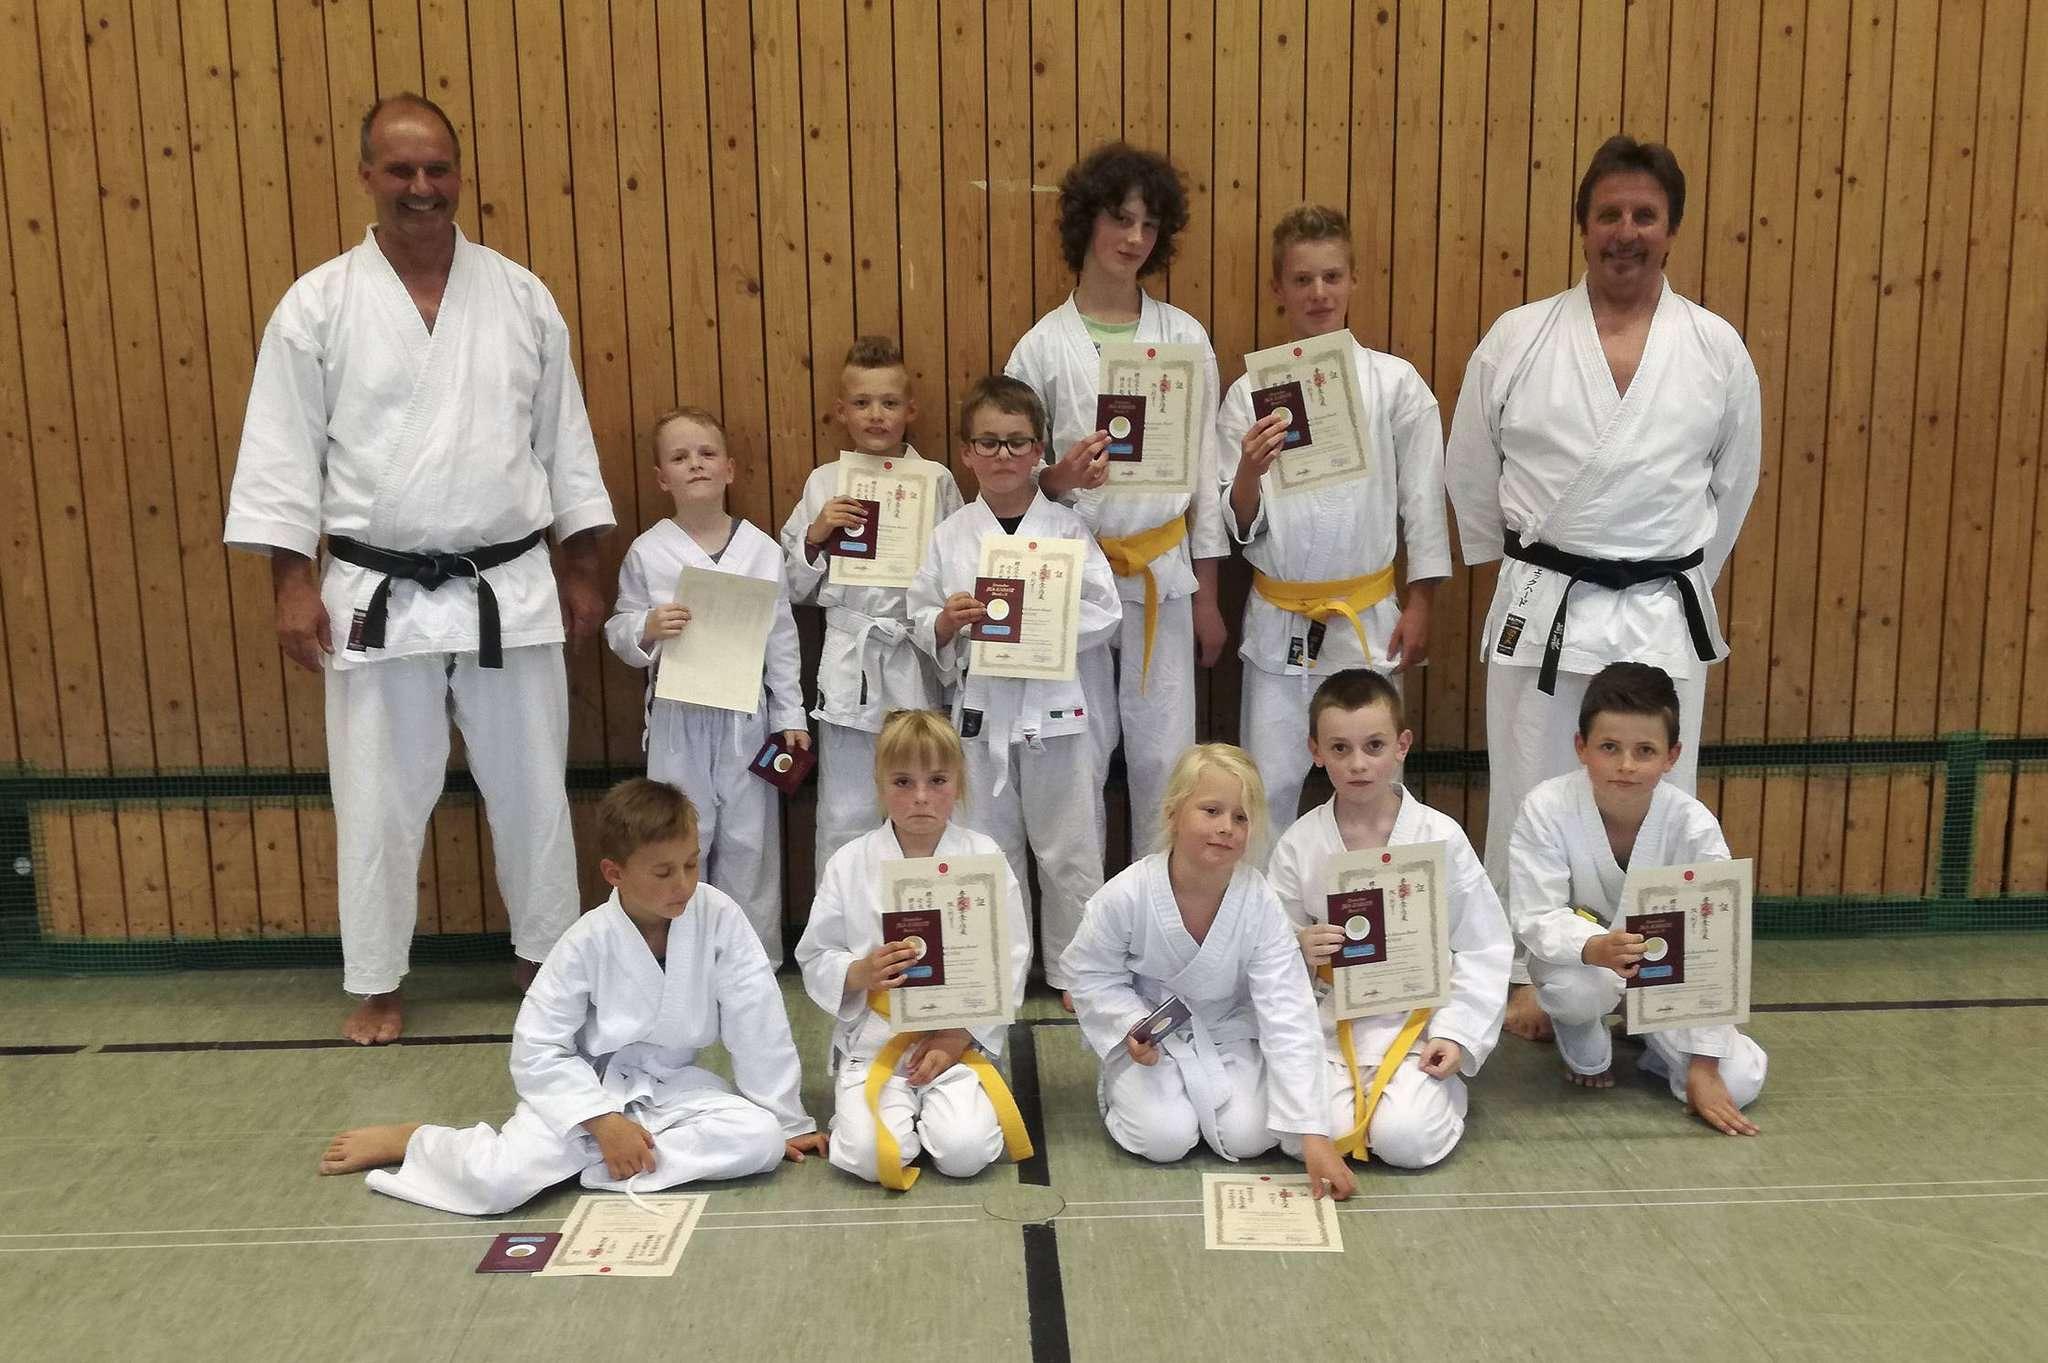 Erschöpft, aber fröhlich: Die jungen Judoka bestanden ihre erste Gürtelprüfung, die Trainer sind stolz.